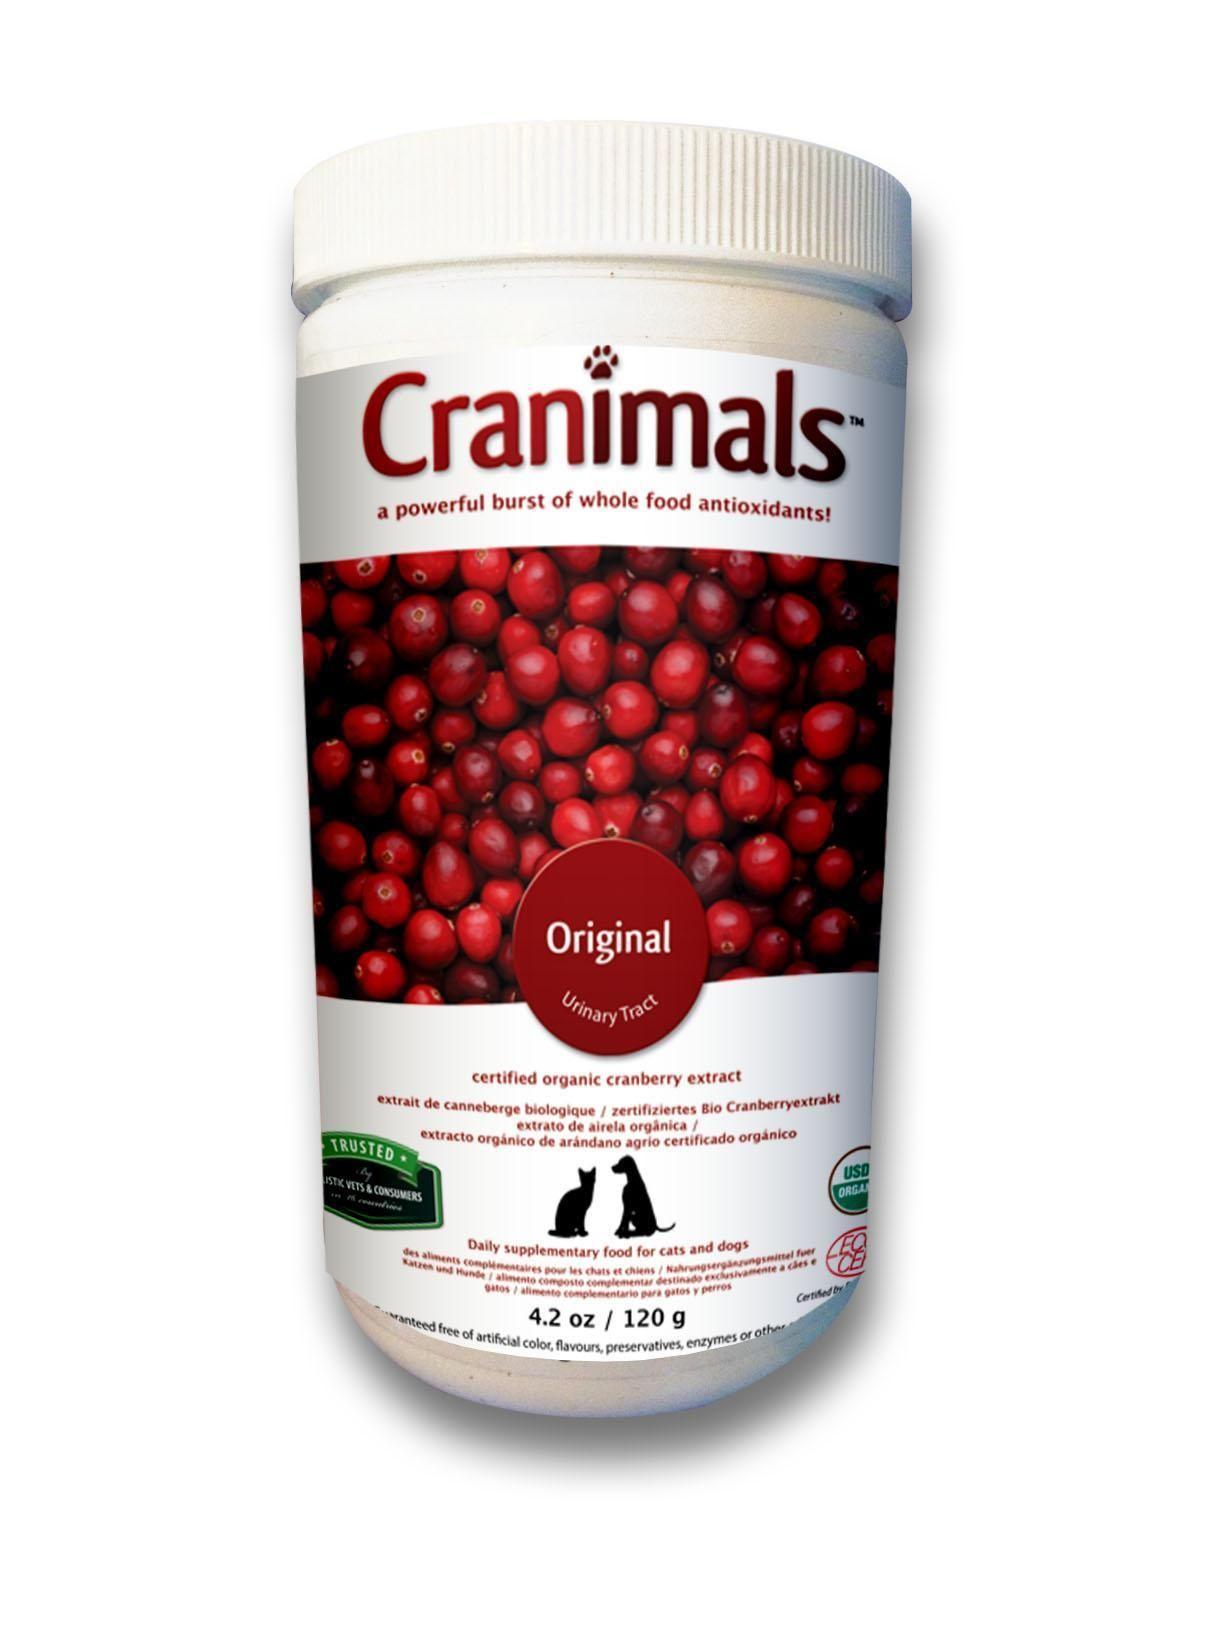 Cranimals Original Uti Supplement By Cranimals Cranberry Supplements Dog Supplements Urinary Tract